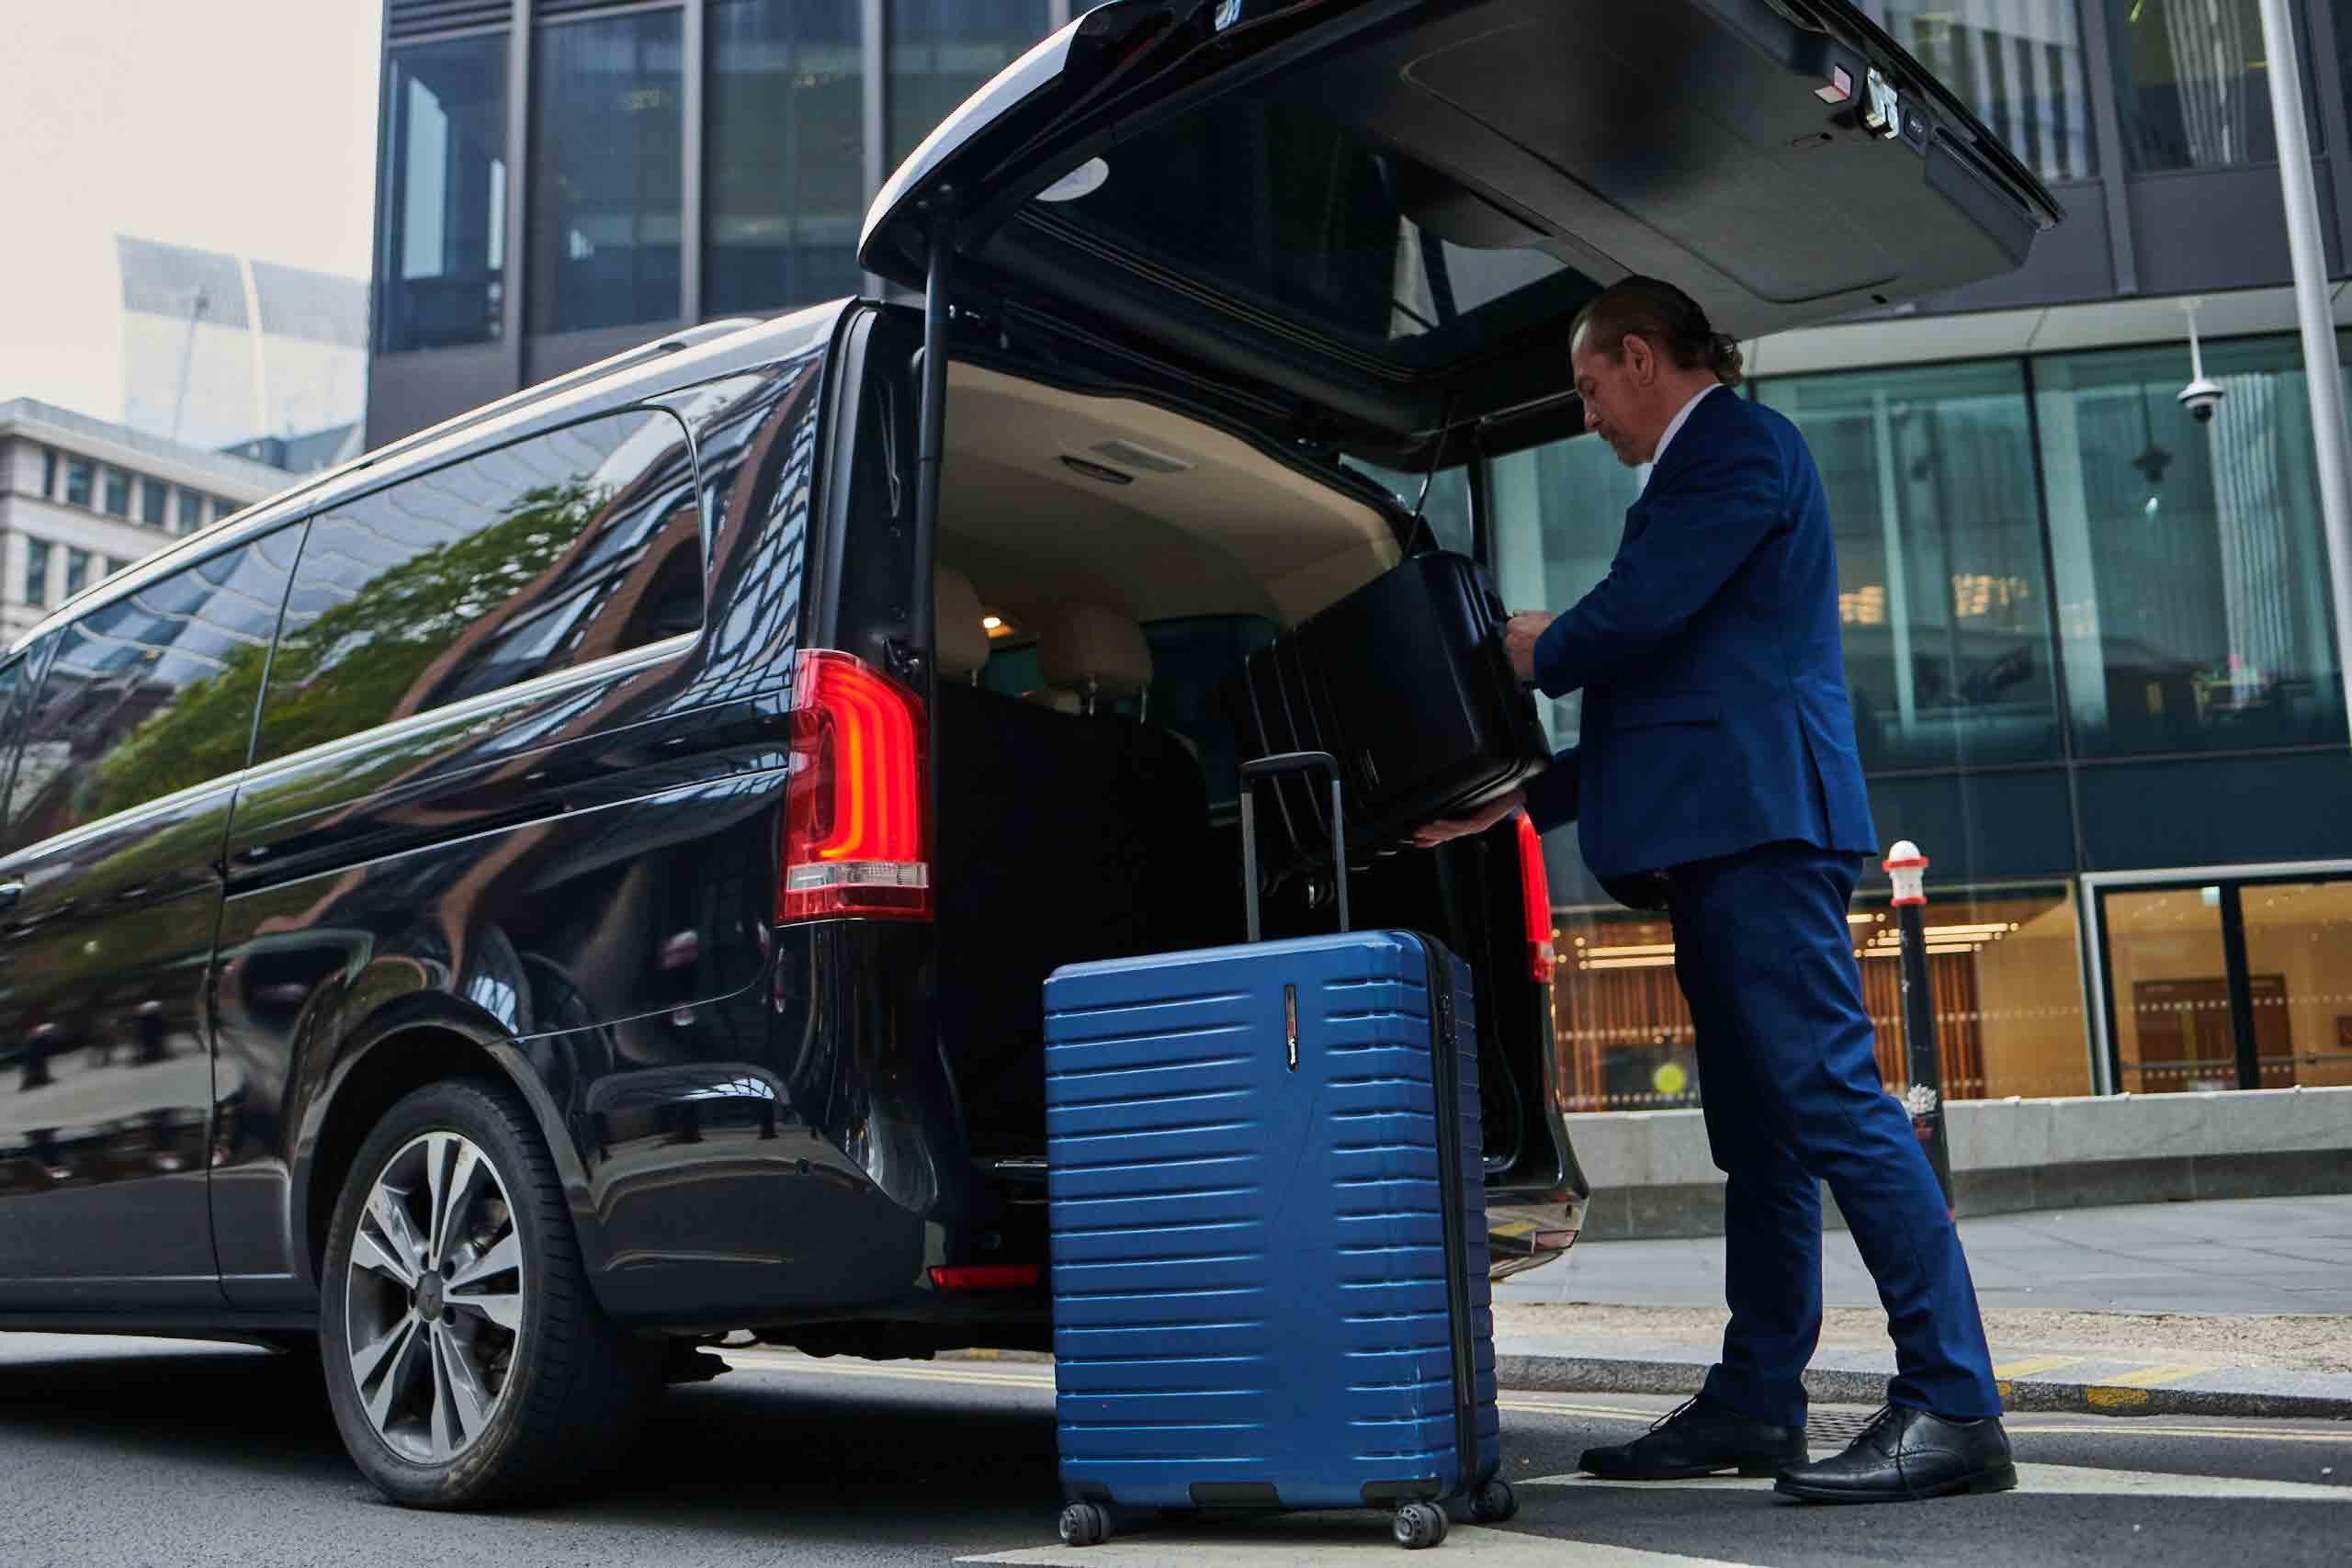 Аренда машины в лондоне стоимость